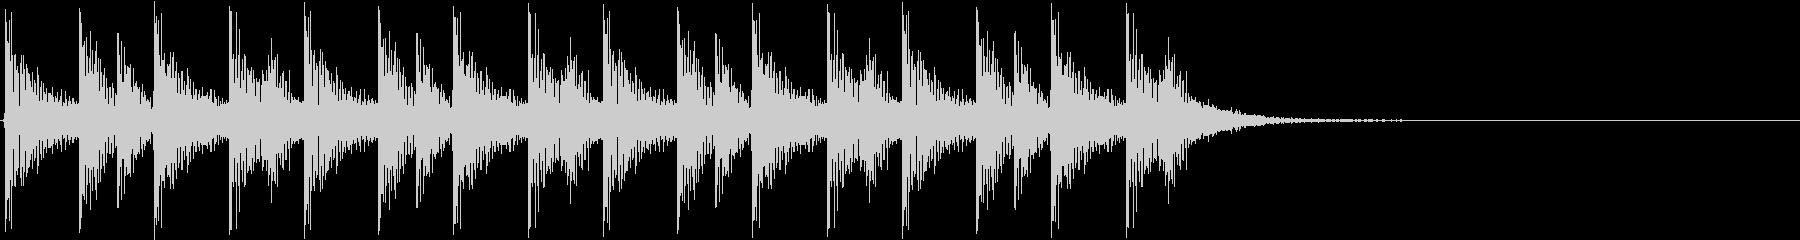 ドンドコドンドコ…(和太鼓、リズム)の未再生の波形